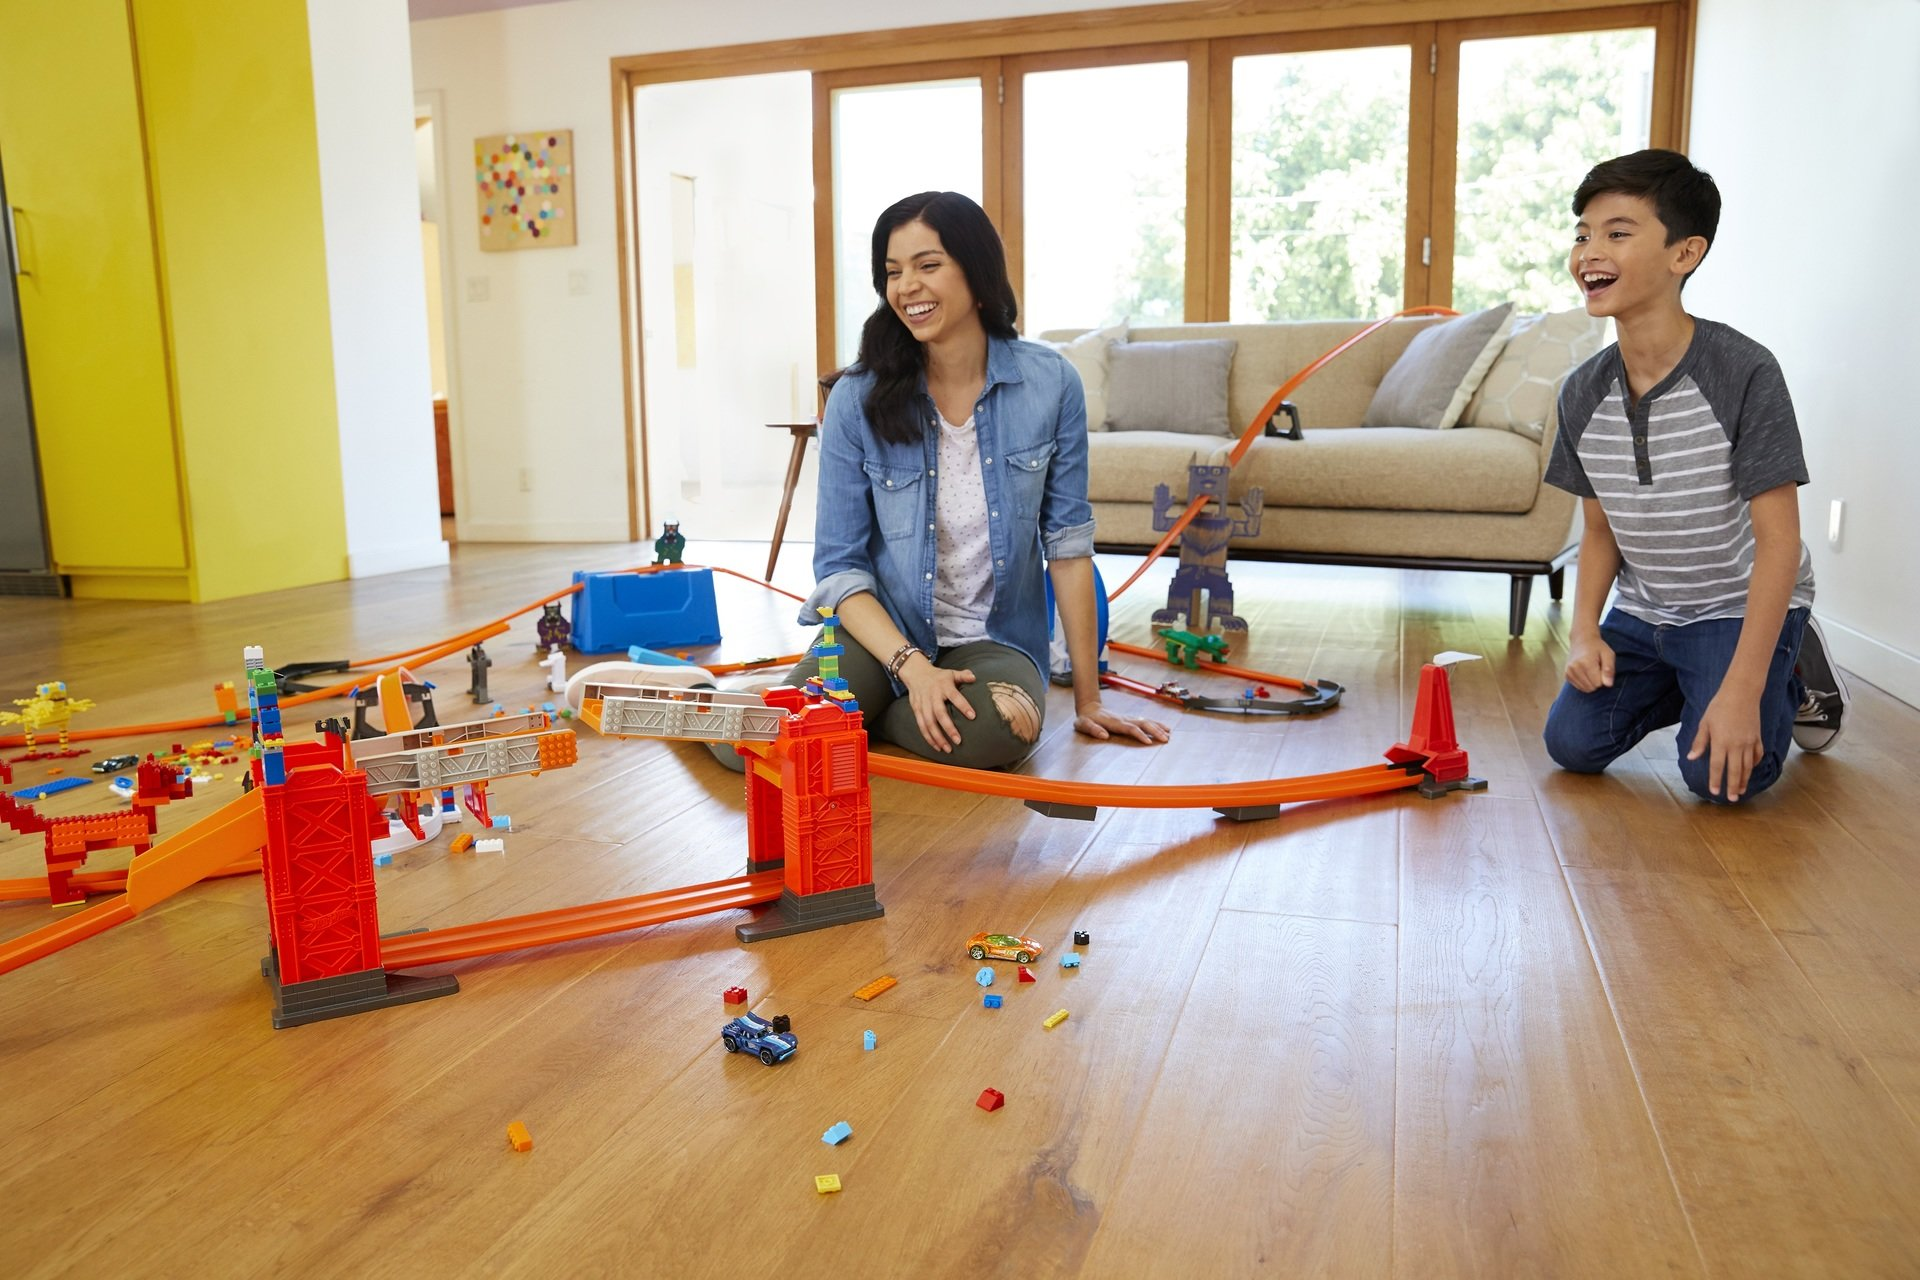 Dziecko i rodzic, czyli wspólna zabawa = wspólna sprawa